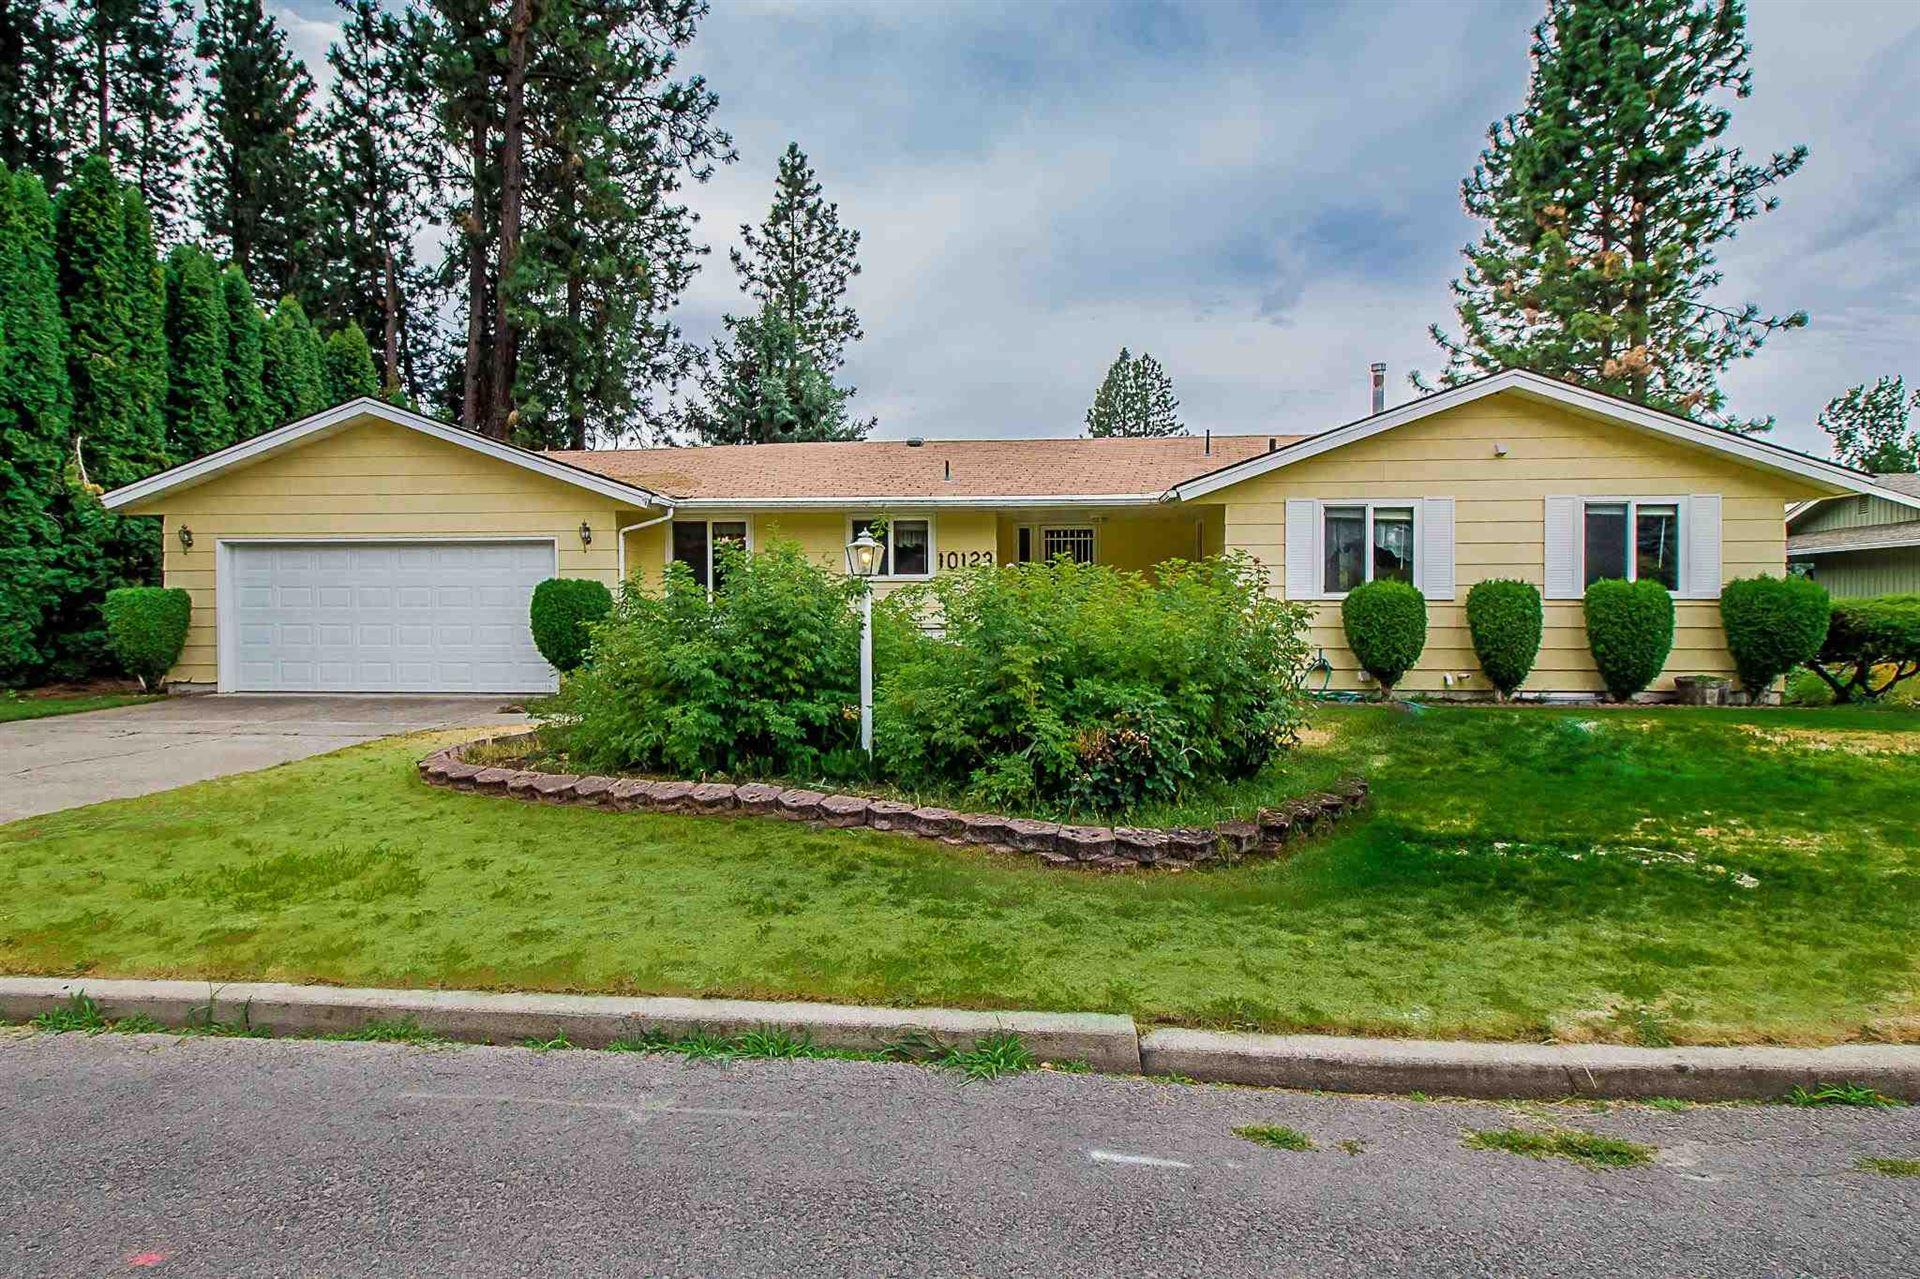 10123 N Larchwood St, Spokane, WA 99208 - #: 202119616